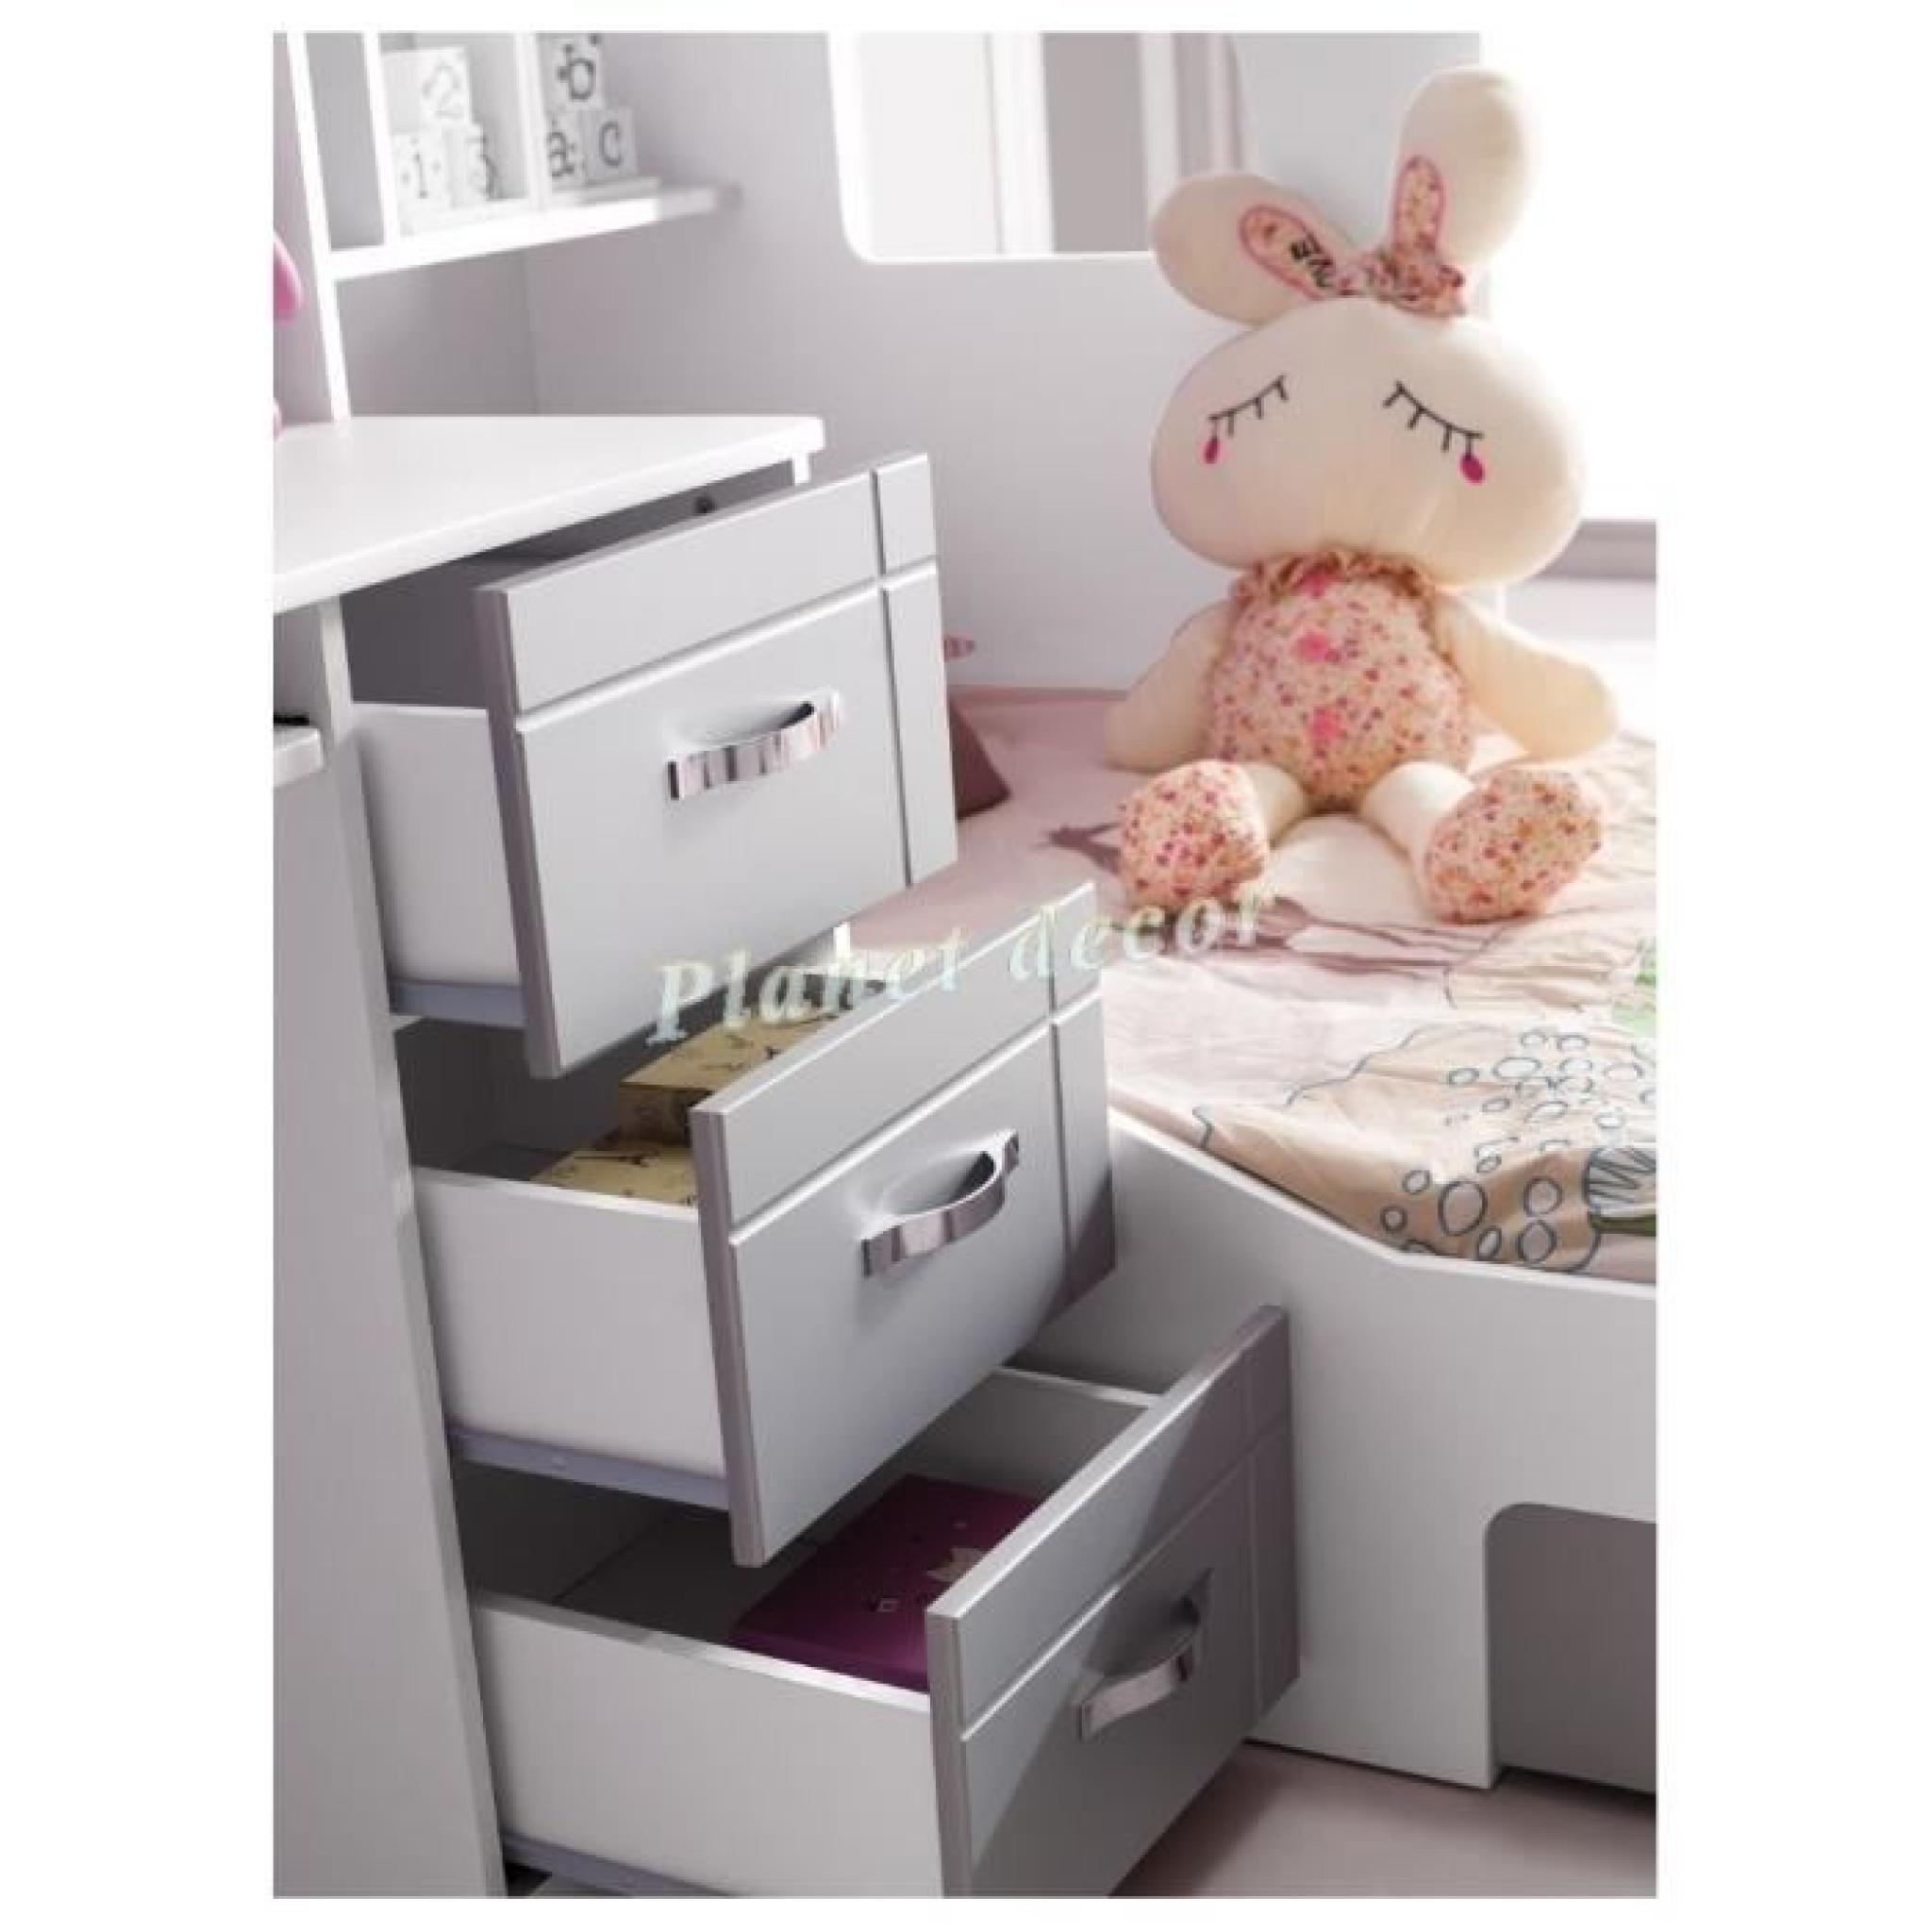 lit enfant multifonction stella achat vente lit enfant pas cher couleur et. Black Bedroom Furniture Sets. Home Design Ideas